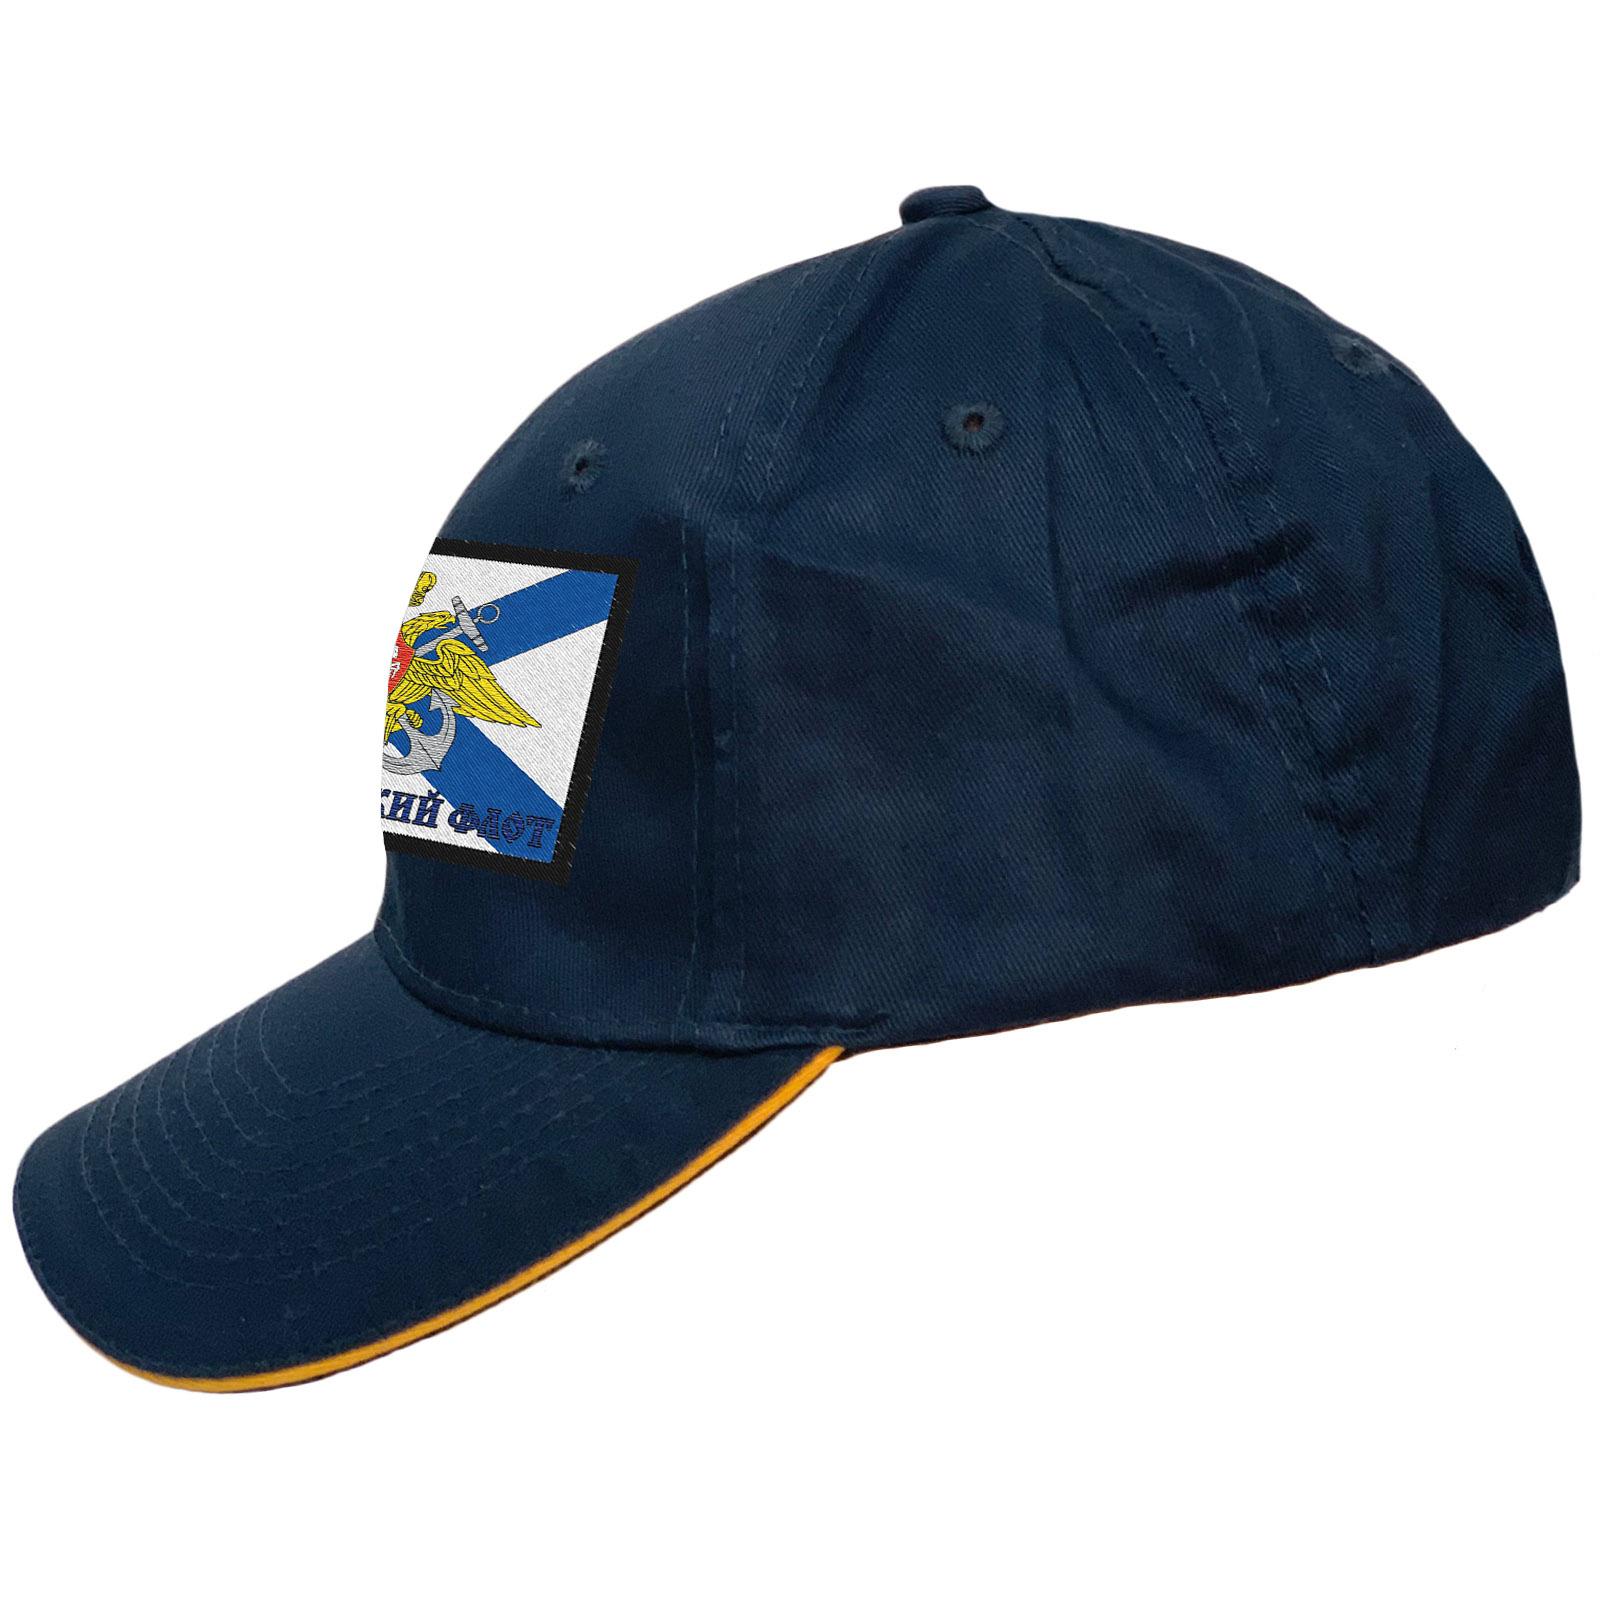 Купить бейсболку Тихоокеанский флот с вышивкой